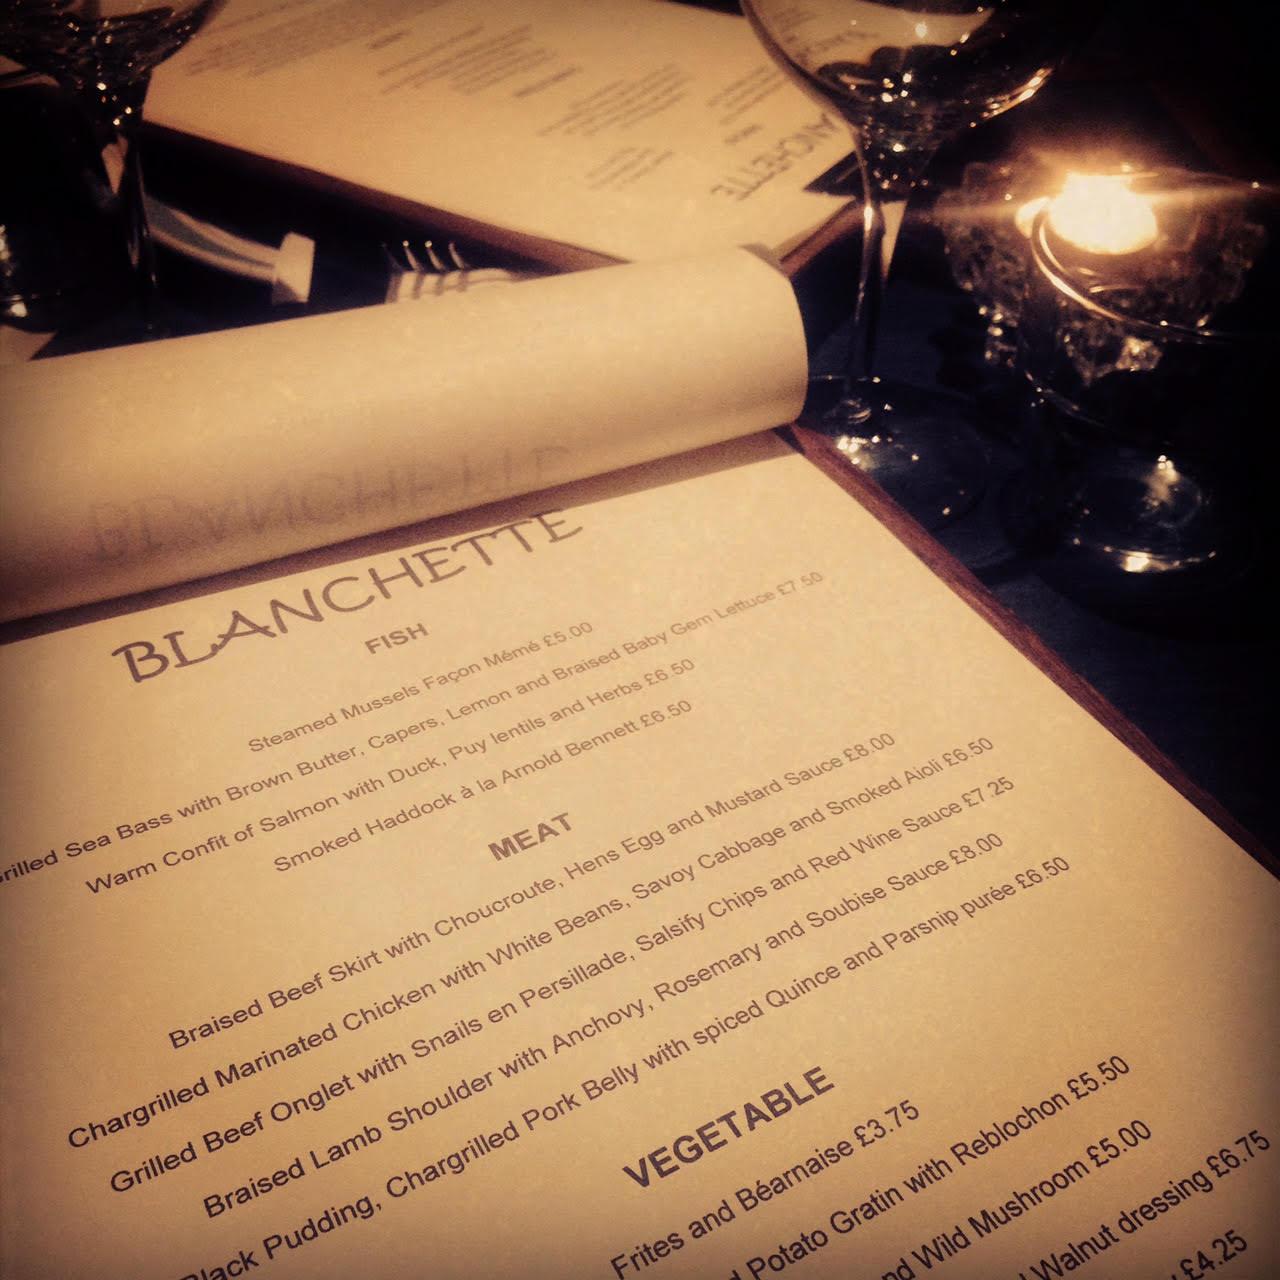 BLANCHETTE